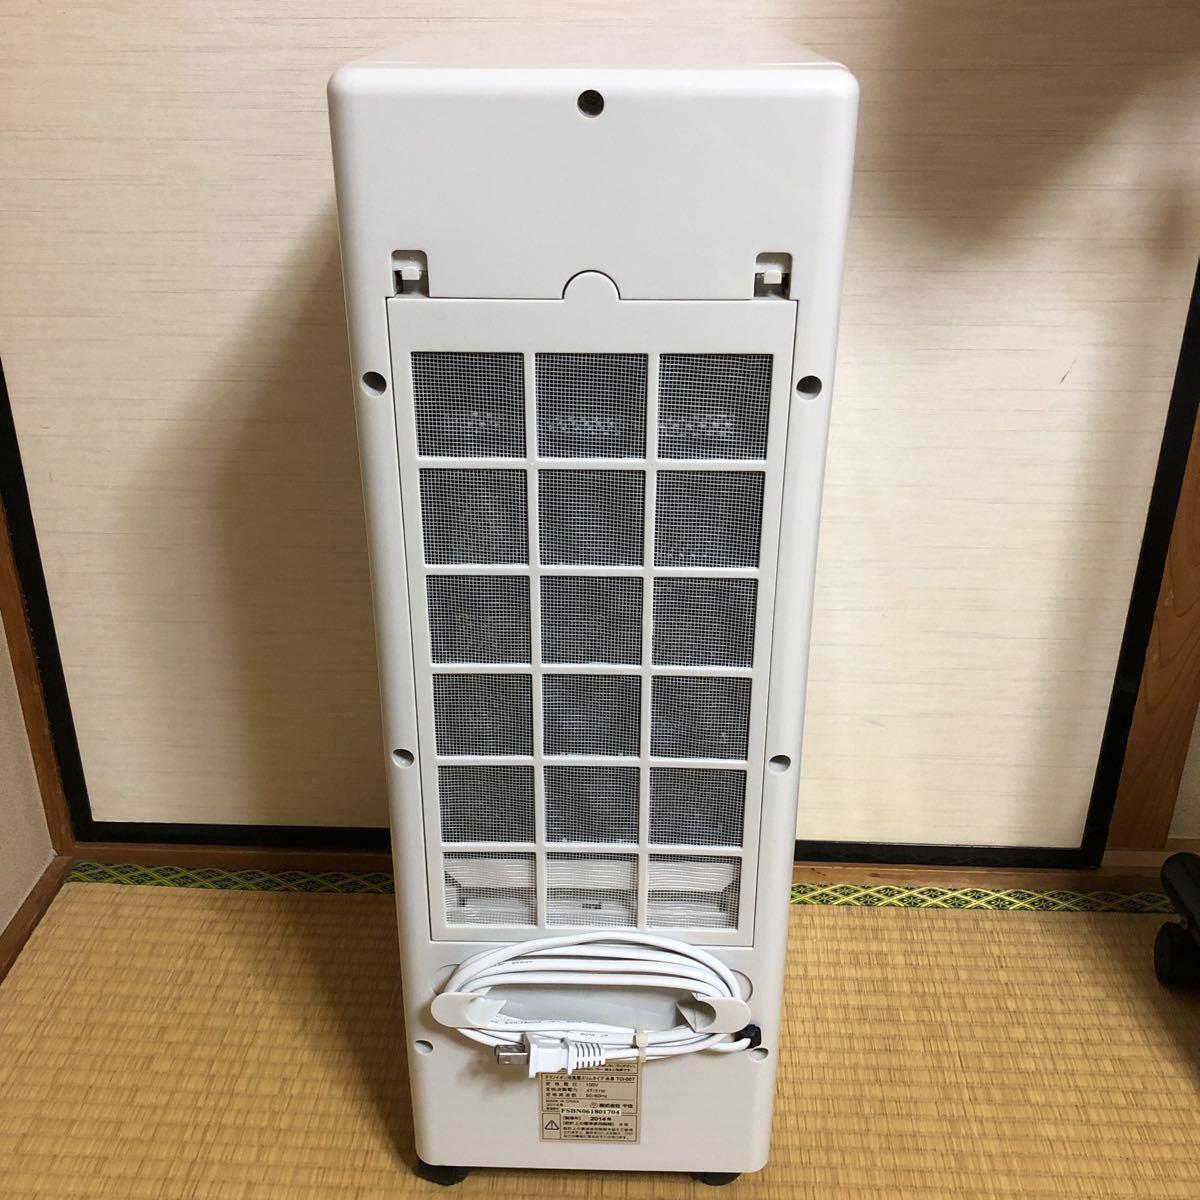 TEKNOS 冷風扇 体に優しい自然な涼風 イオン搭載 タイマー付 リモコン付 風量3段階 TCI-007_画像3